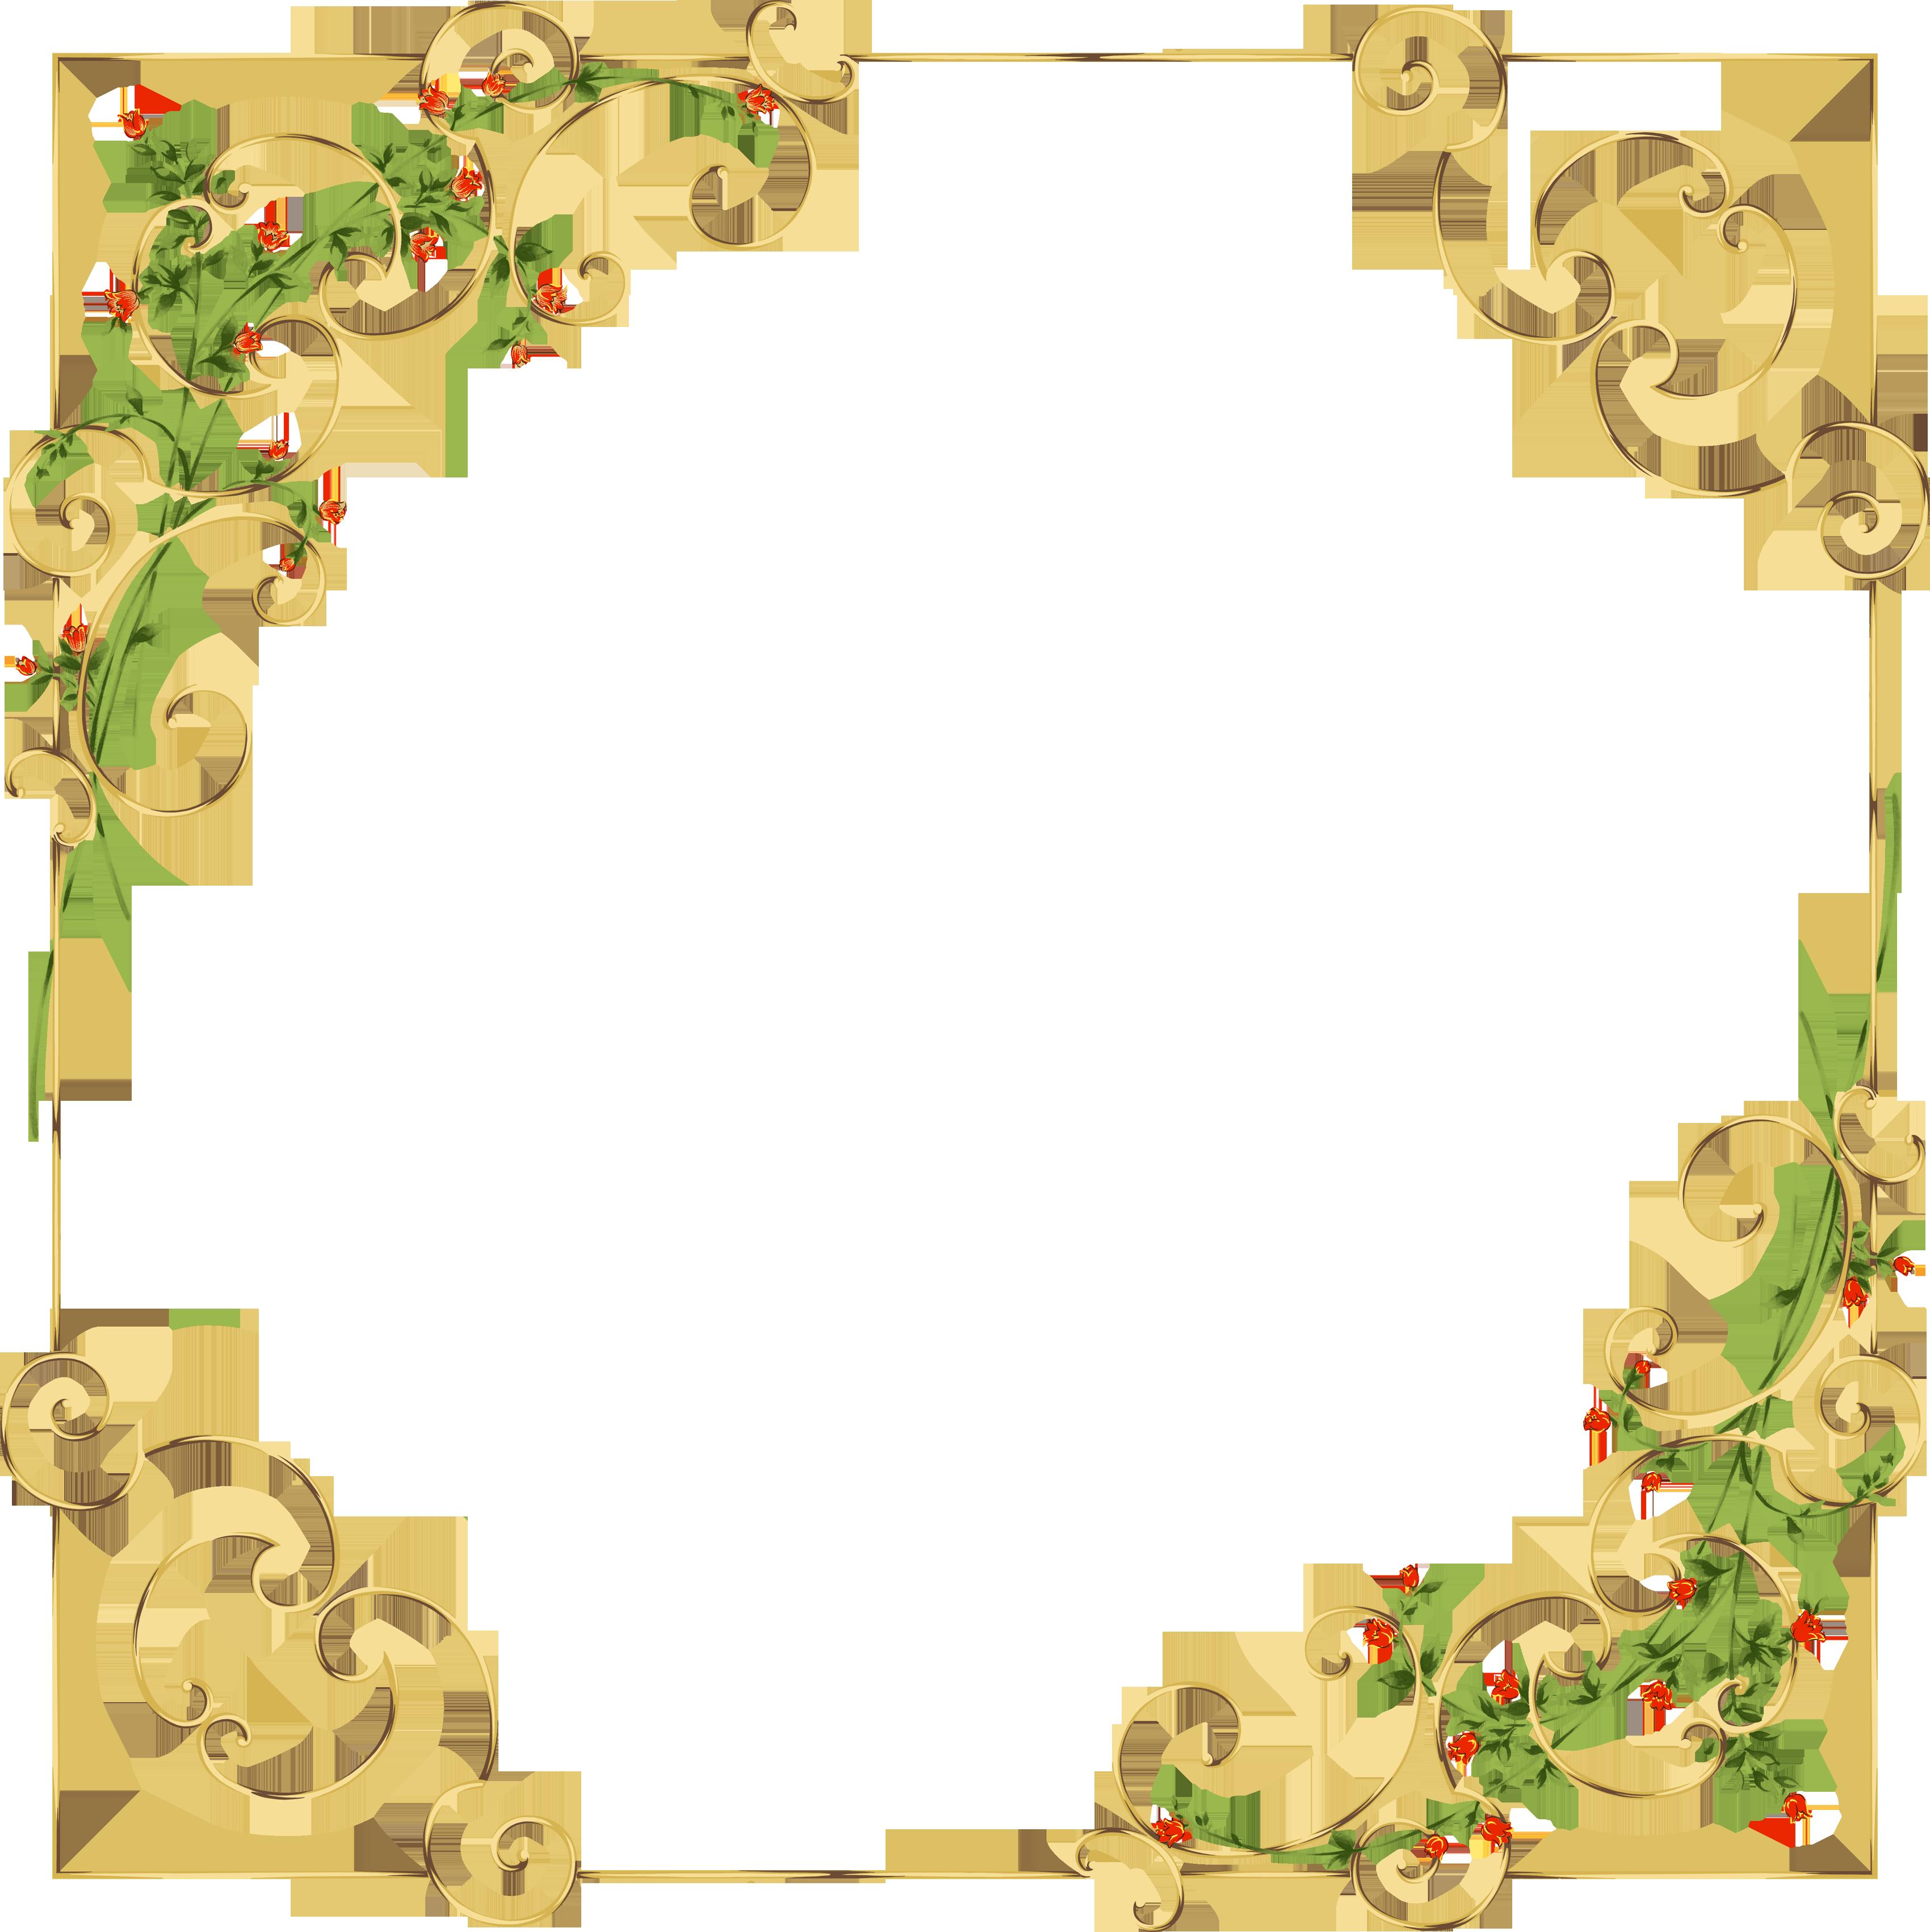 19.png (3400×3403) | Рамки, Картинки, Цветочная рамка